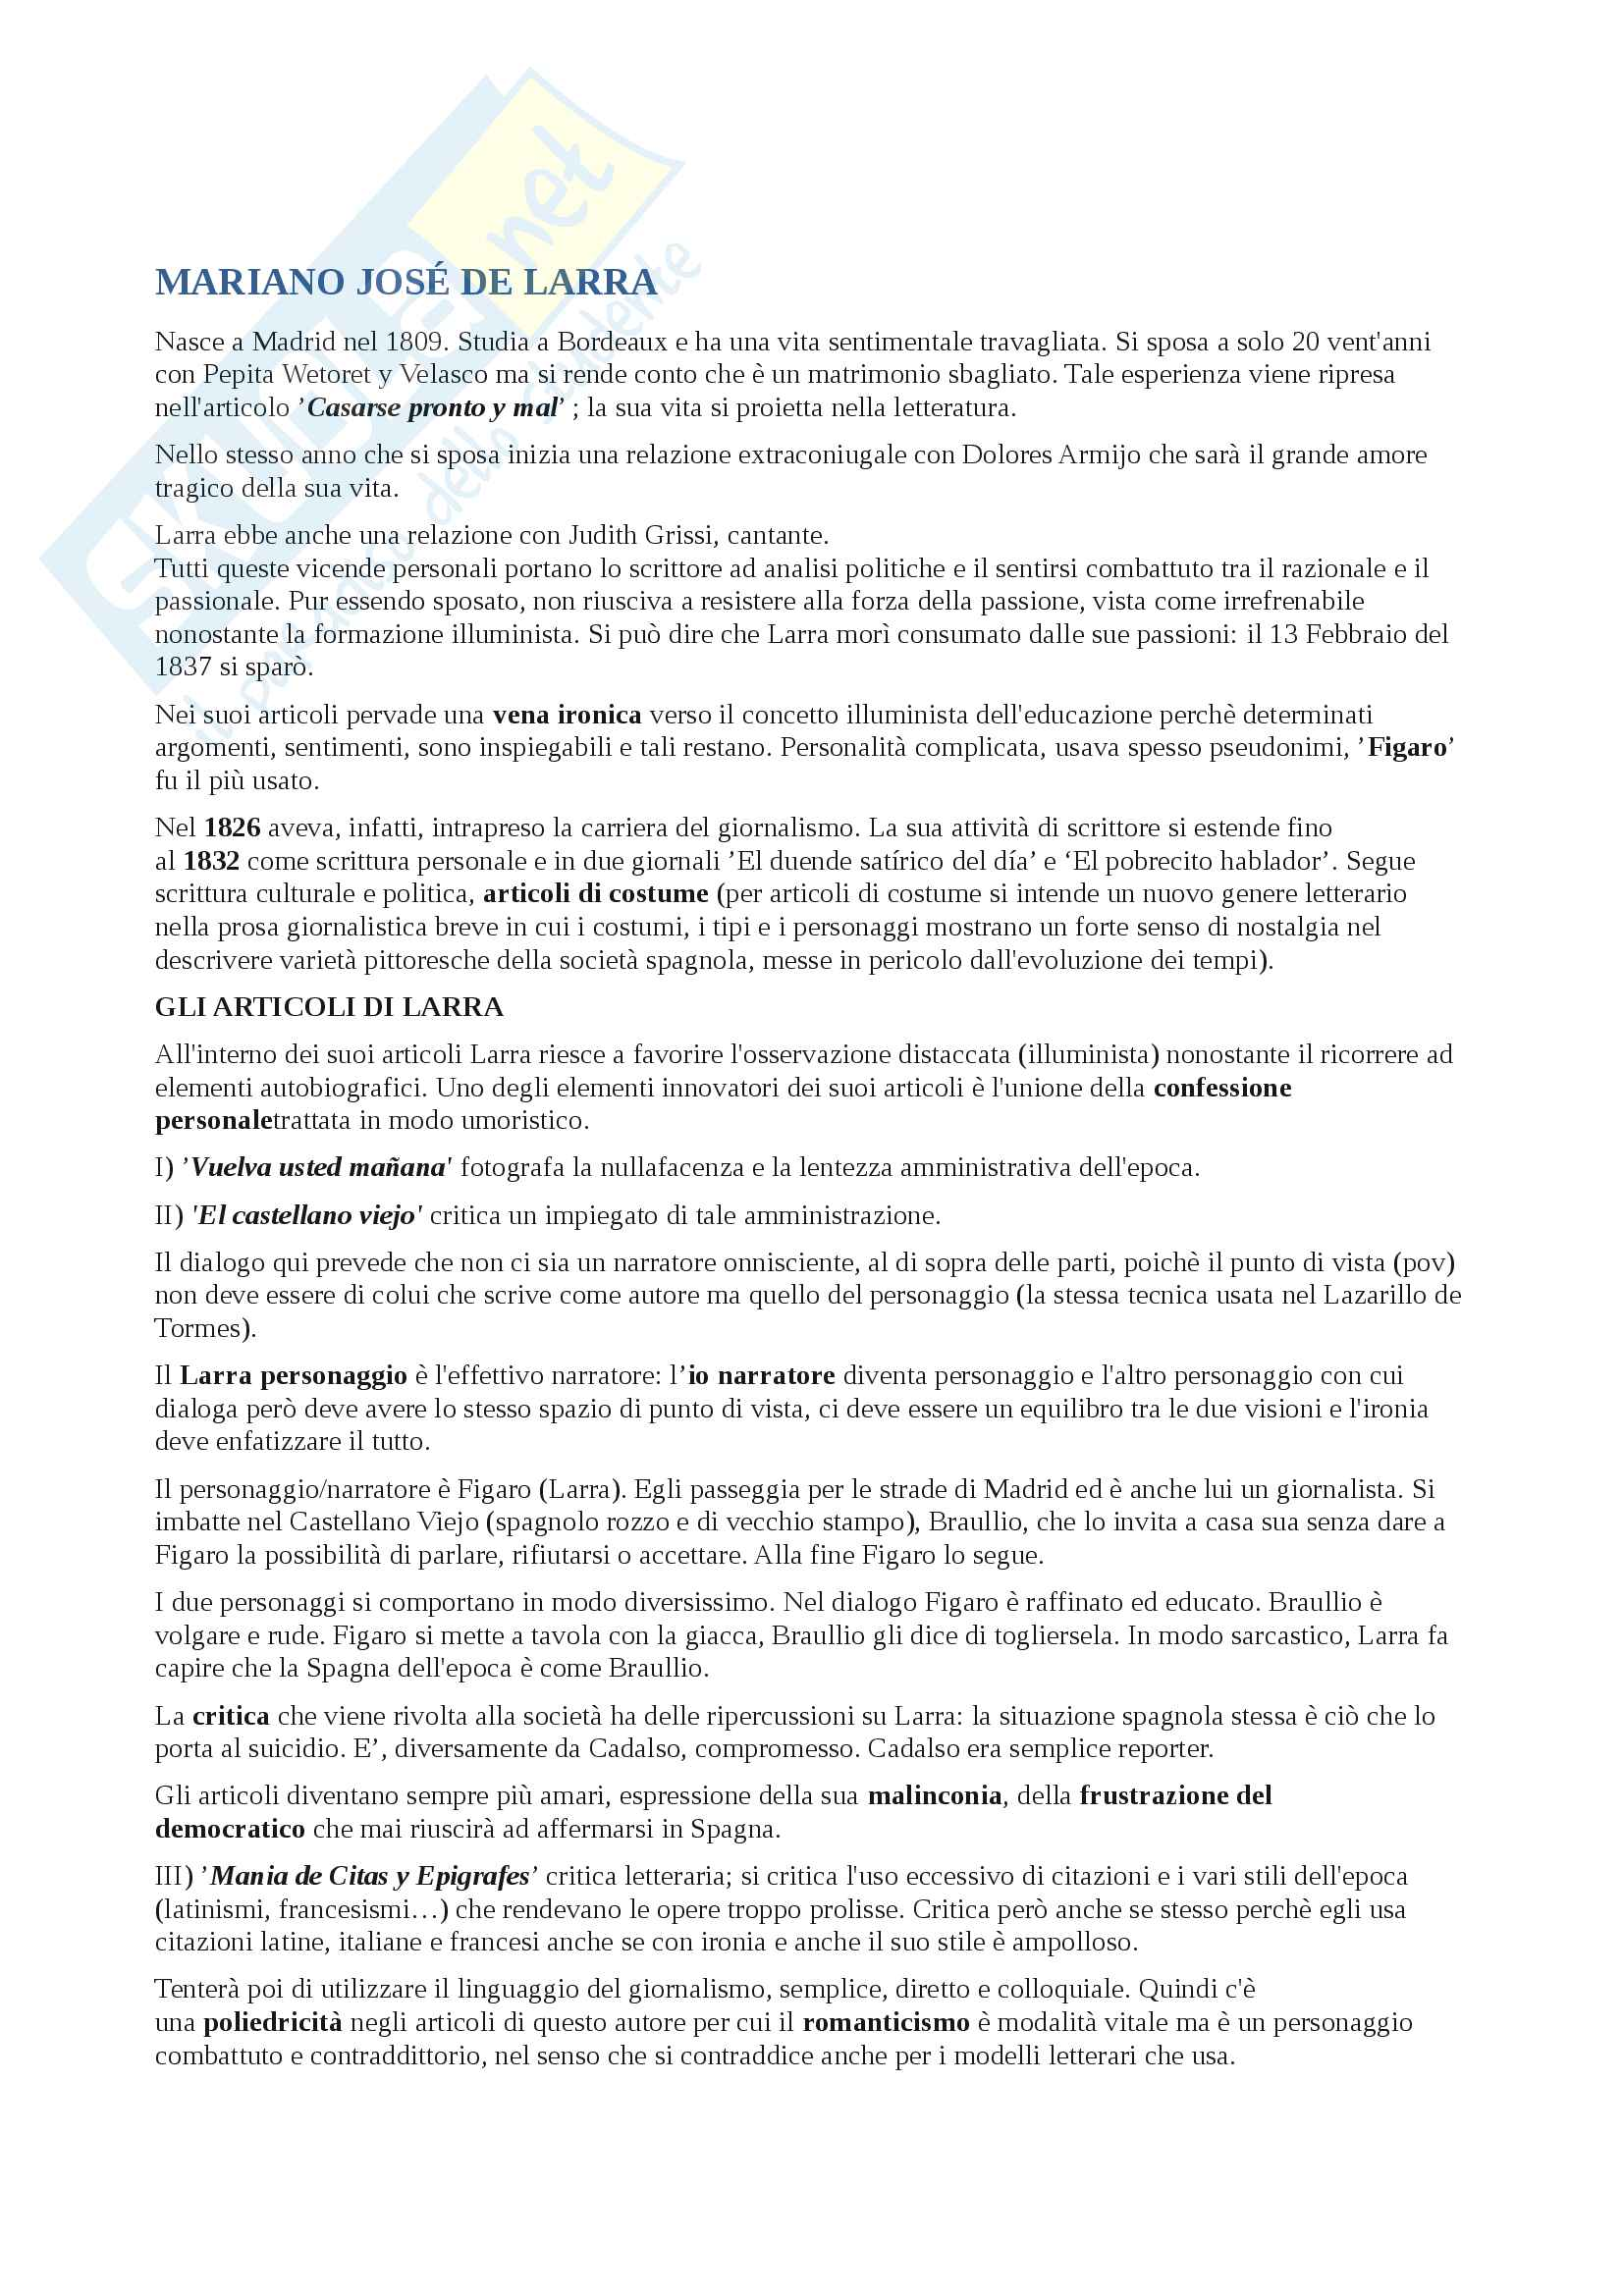 Appunti su Mariano José De Larra aa 2013